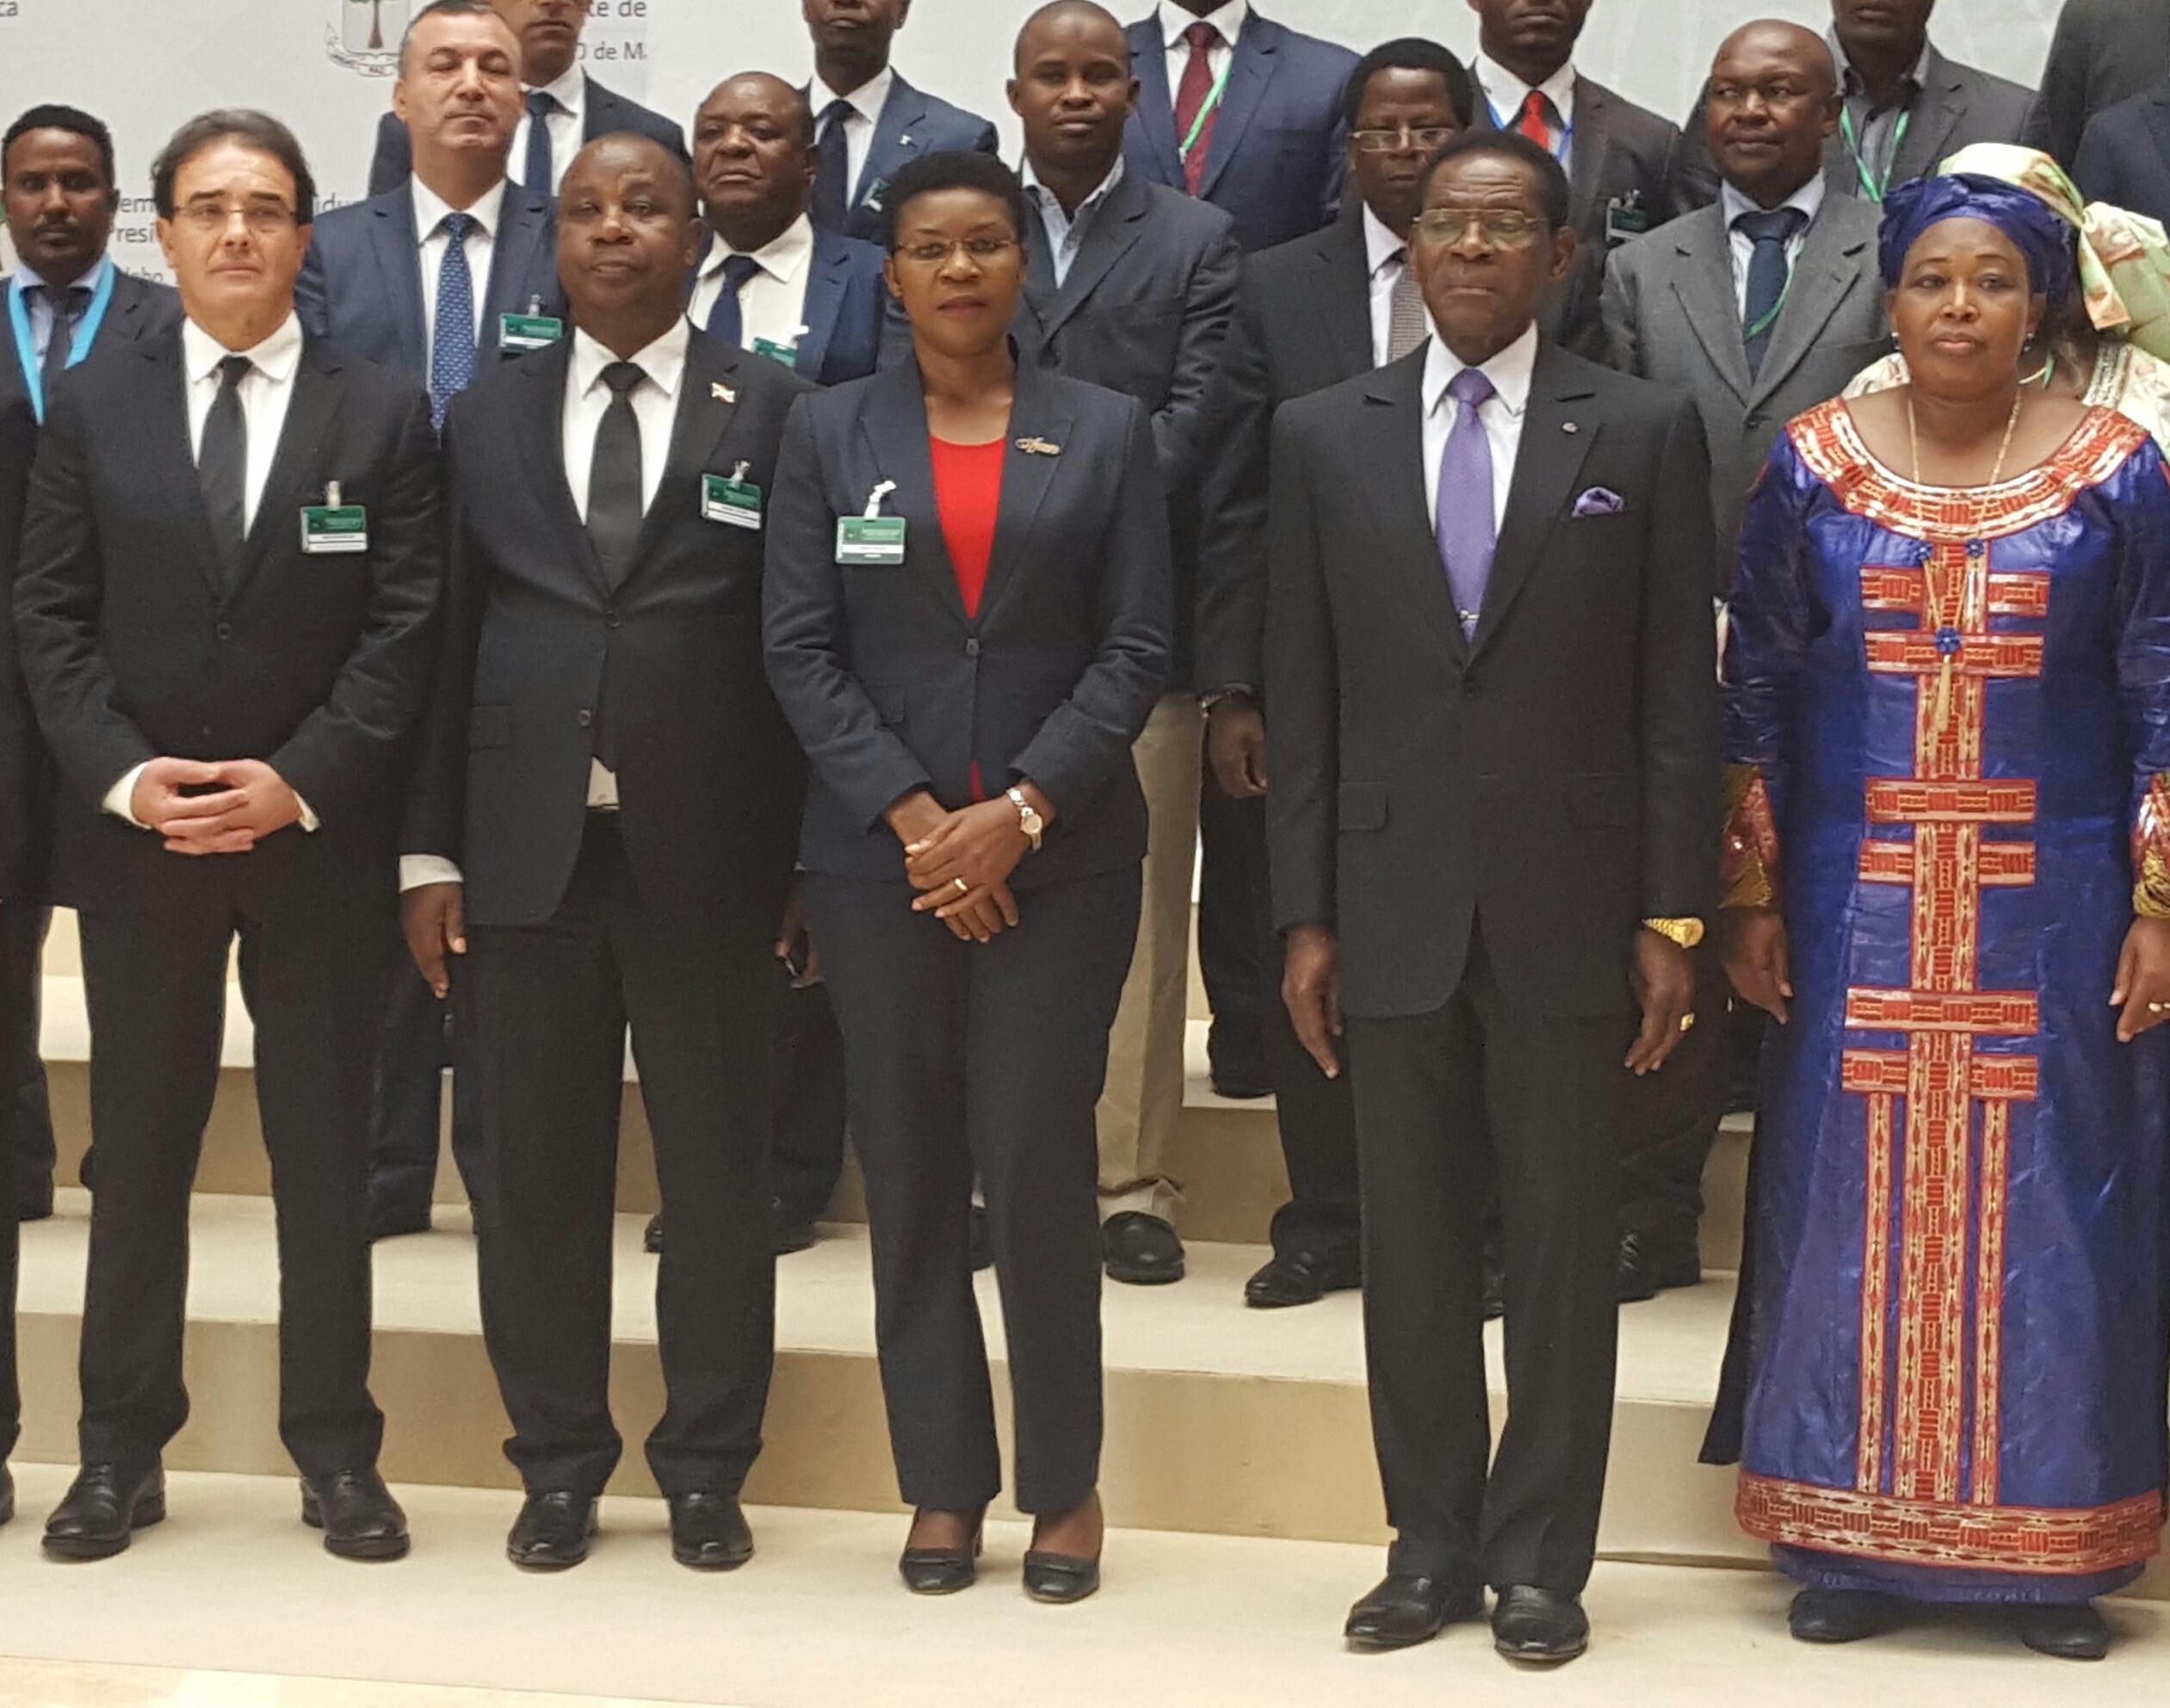 الأفارقة يشيدون بمالابو بسياسة الهجرة التي ينهجها المغرب في أفق تنظيم المنتدى العالمي للهجرة